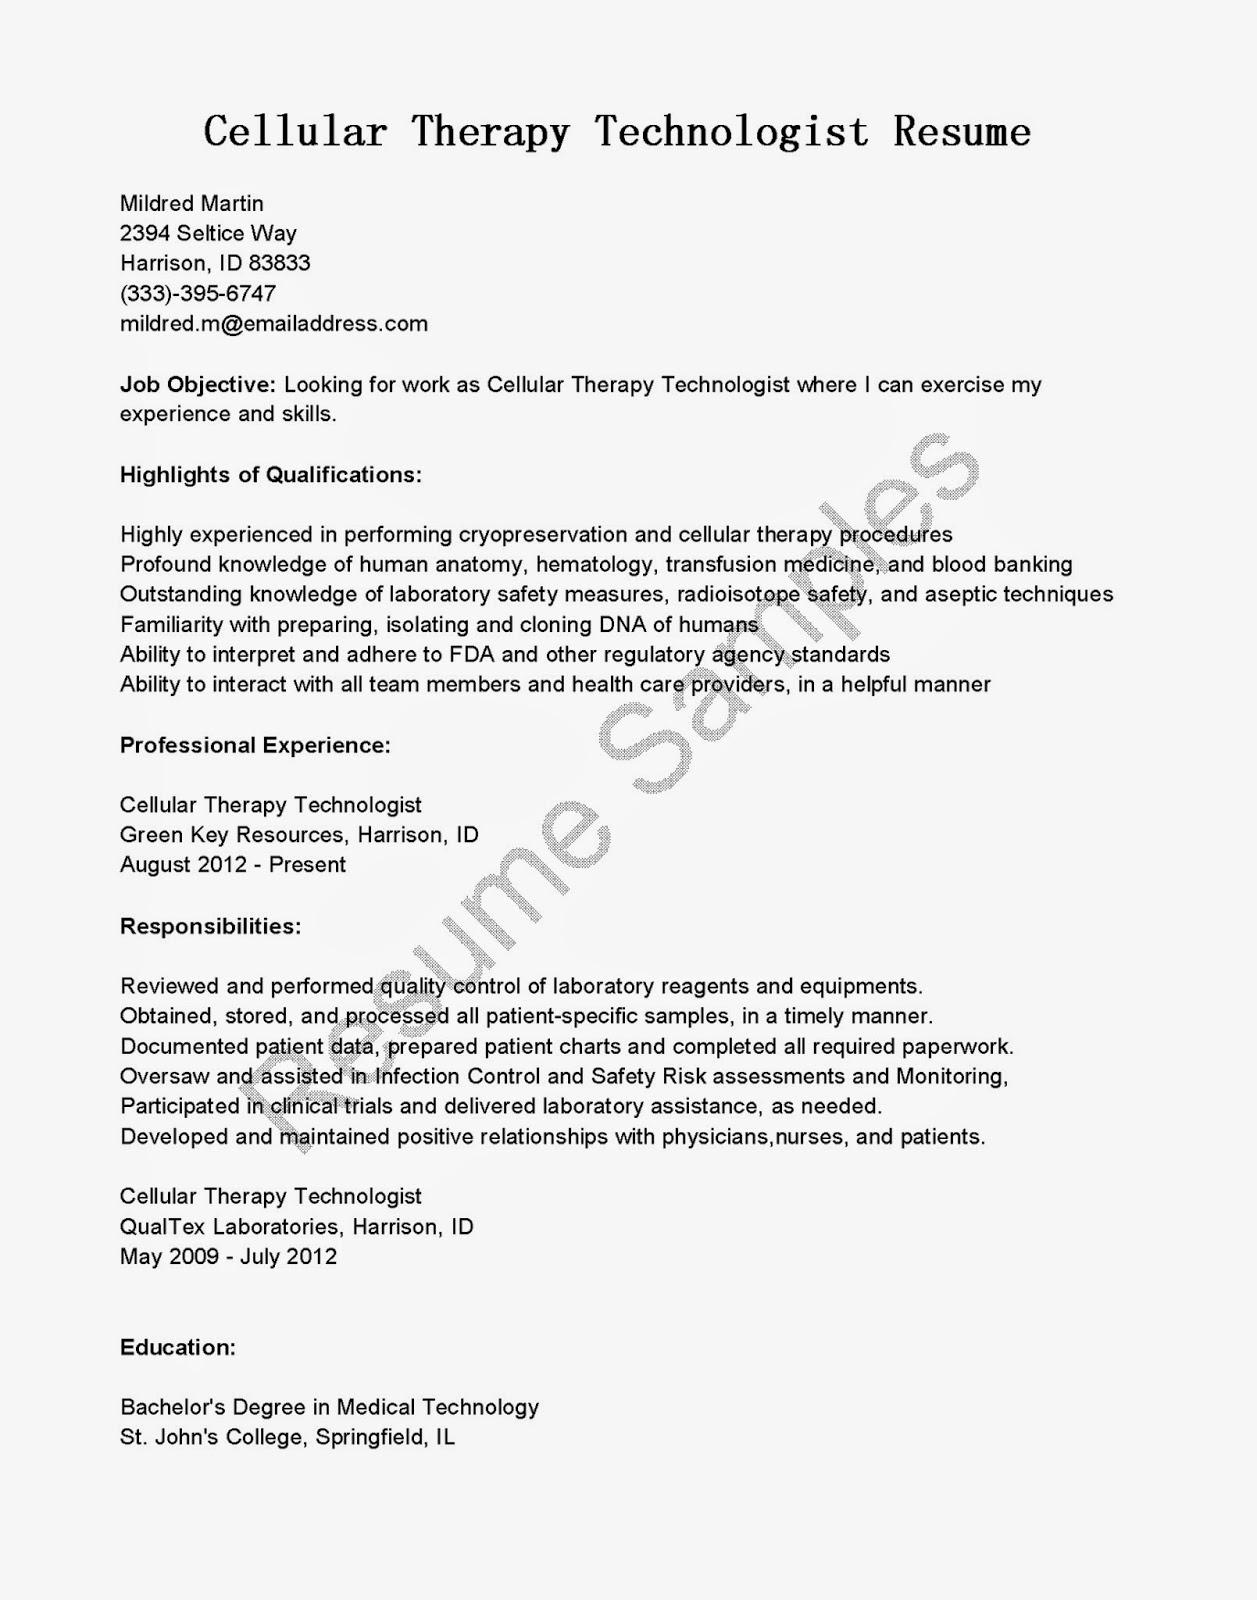 ultrasound technician resume sample clever design ideas